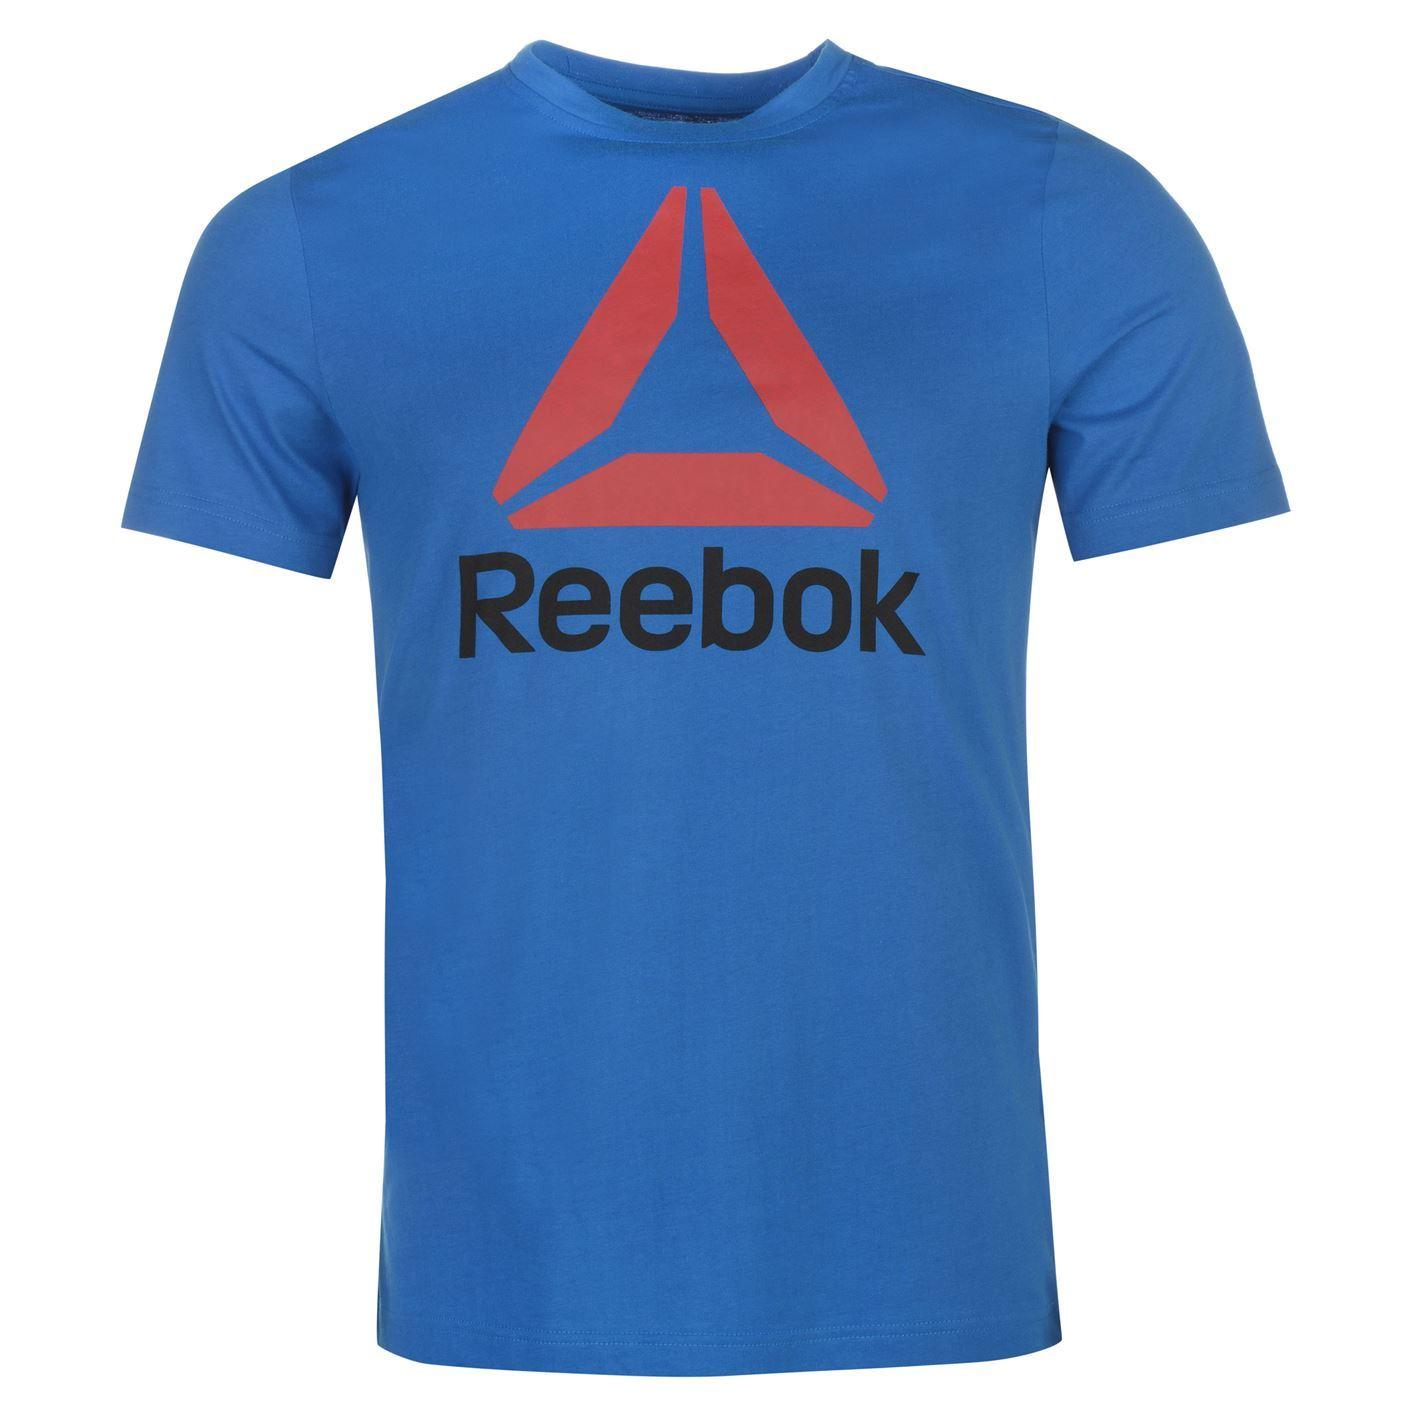 Reebok-Stack-Delta-Logo-T-Shirt-Mens-Tee-Shirt-Top thumbnail 10